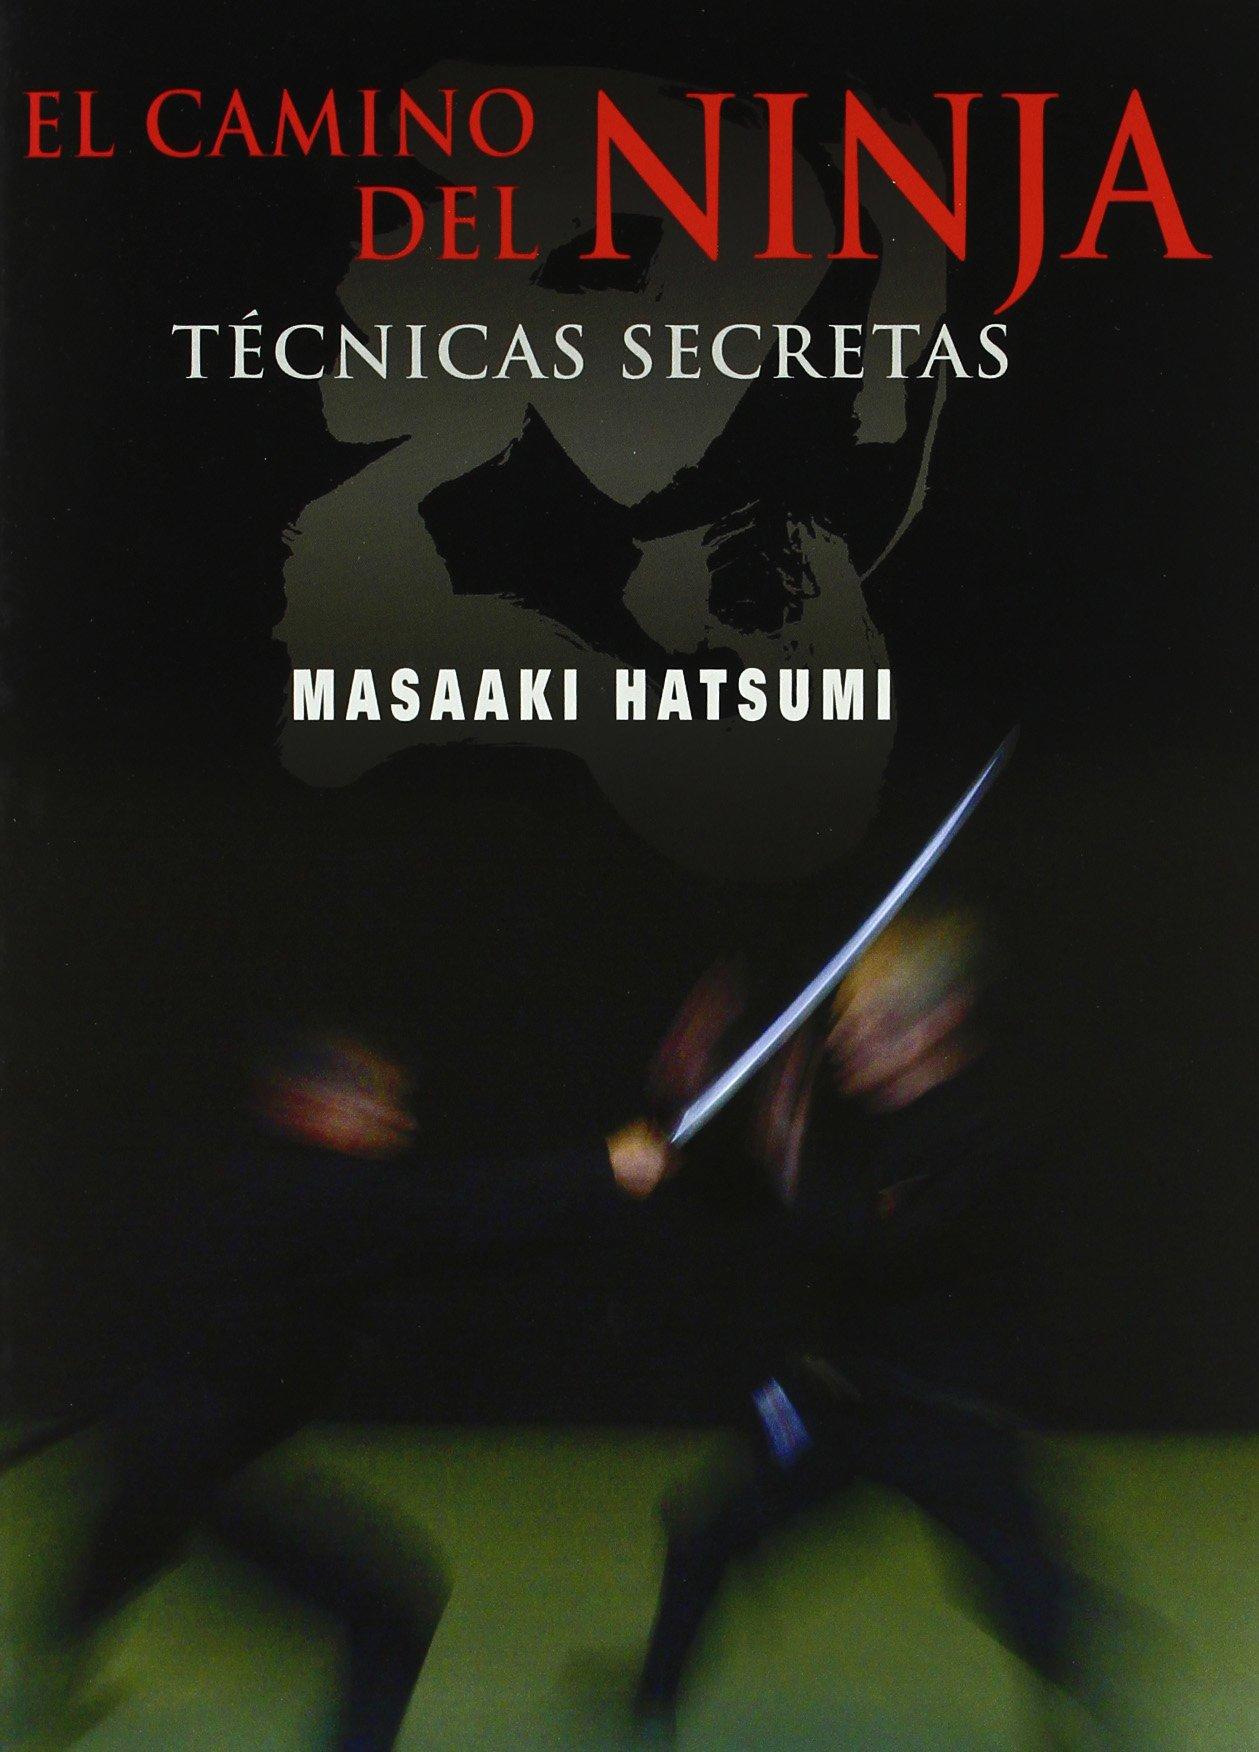 Camino Del Ninja, El: Amazon.es: Masaaki Hatsumi: Libros